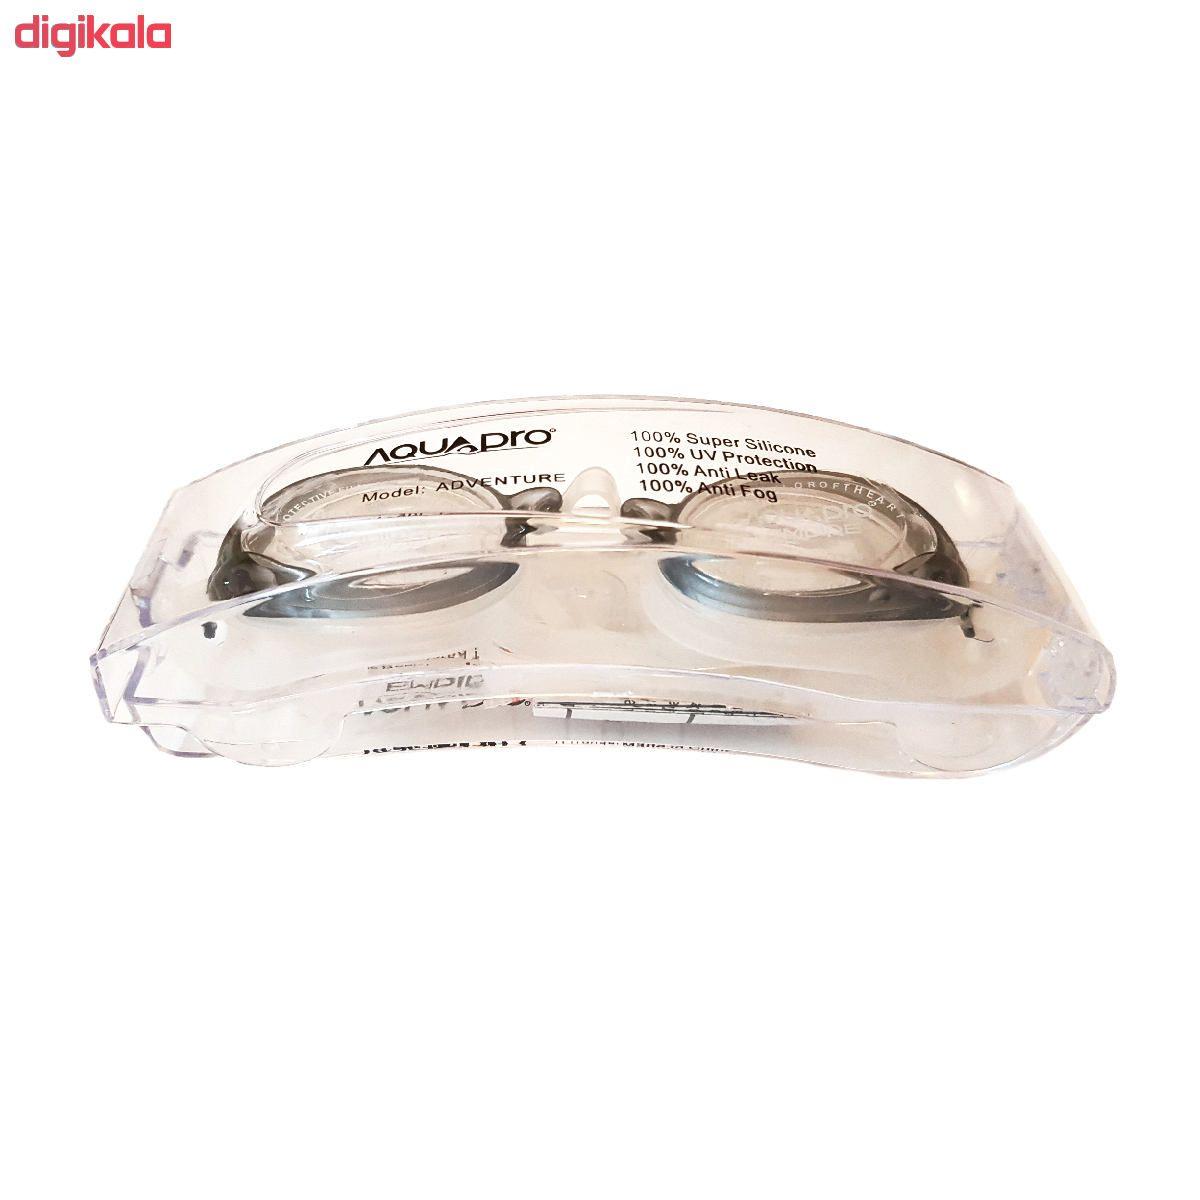 عینک شنا اکوا پرو مدل ADVENTURE  main 1 5